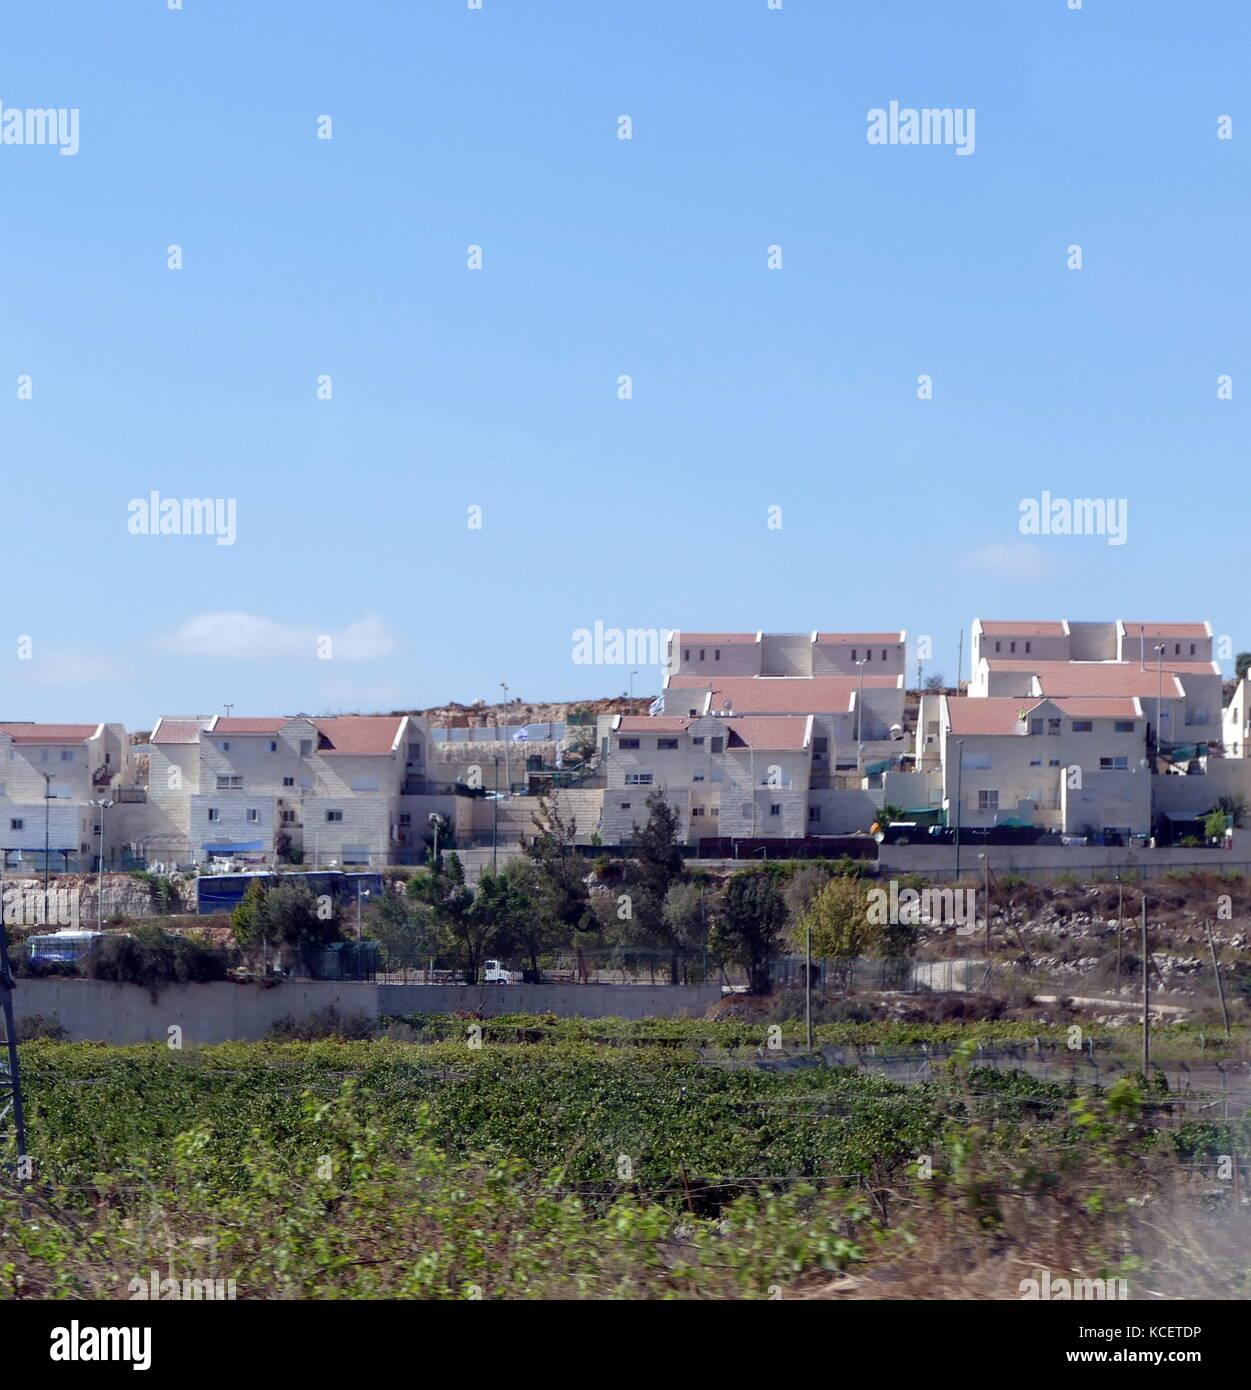 (Ebraico israeliano) insediamento in sviluppo in Cisgiordania, Palestina 2016 Immagini Stock